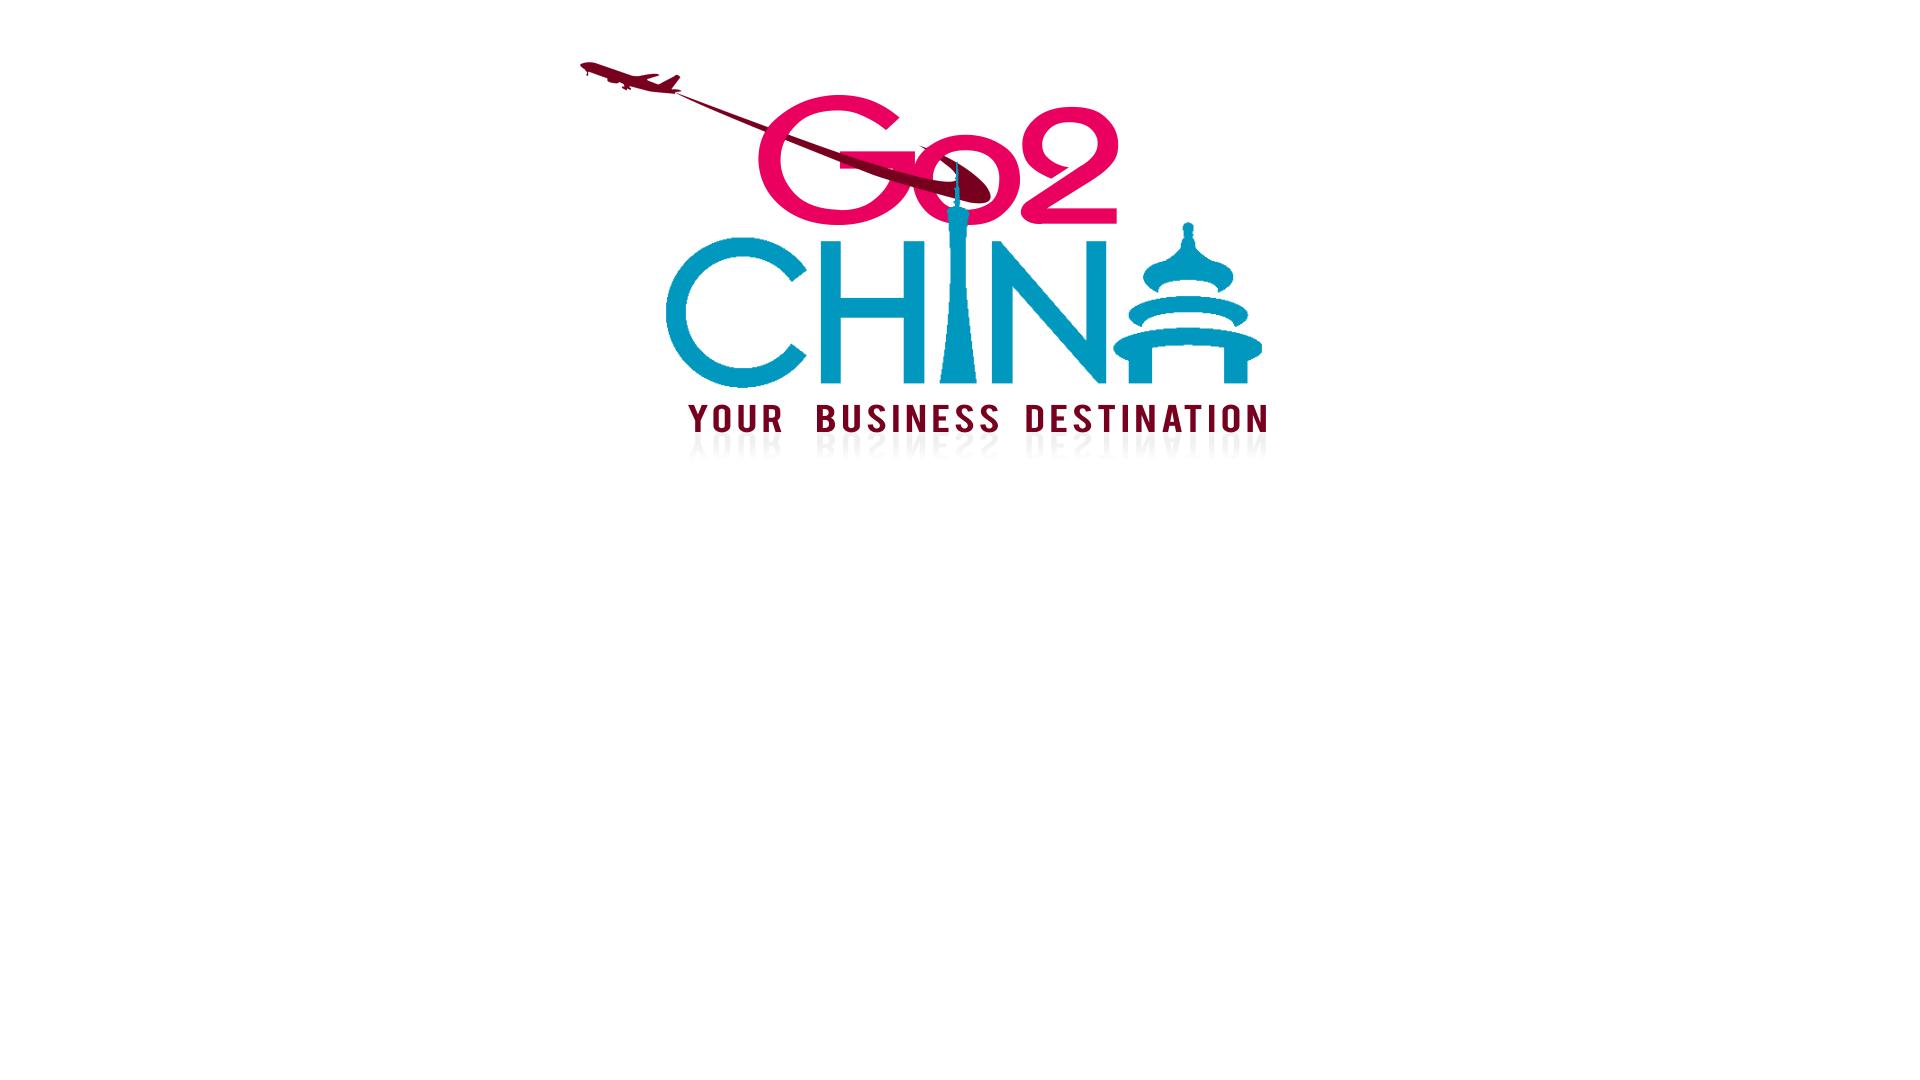 Go 2 China